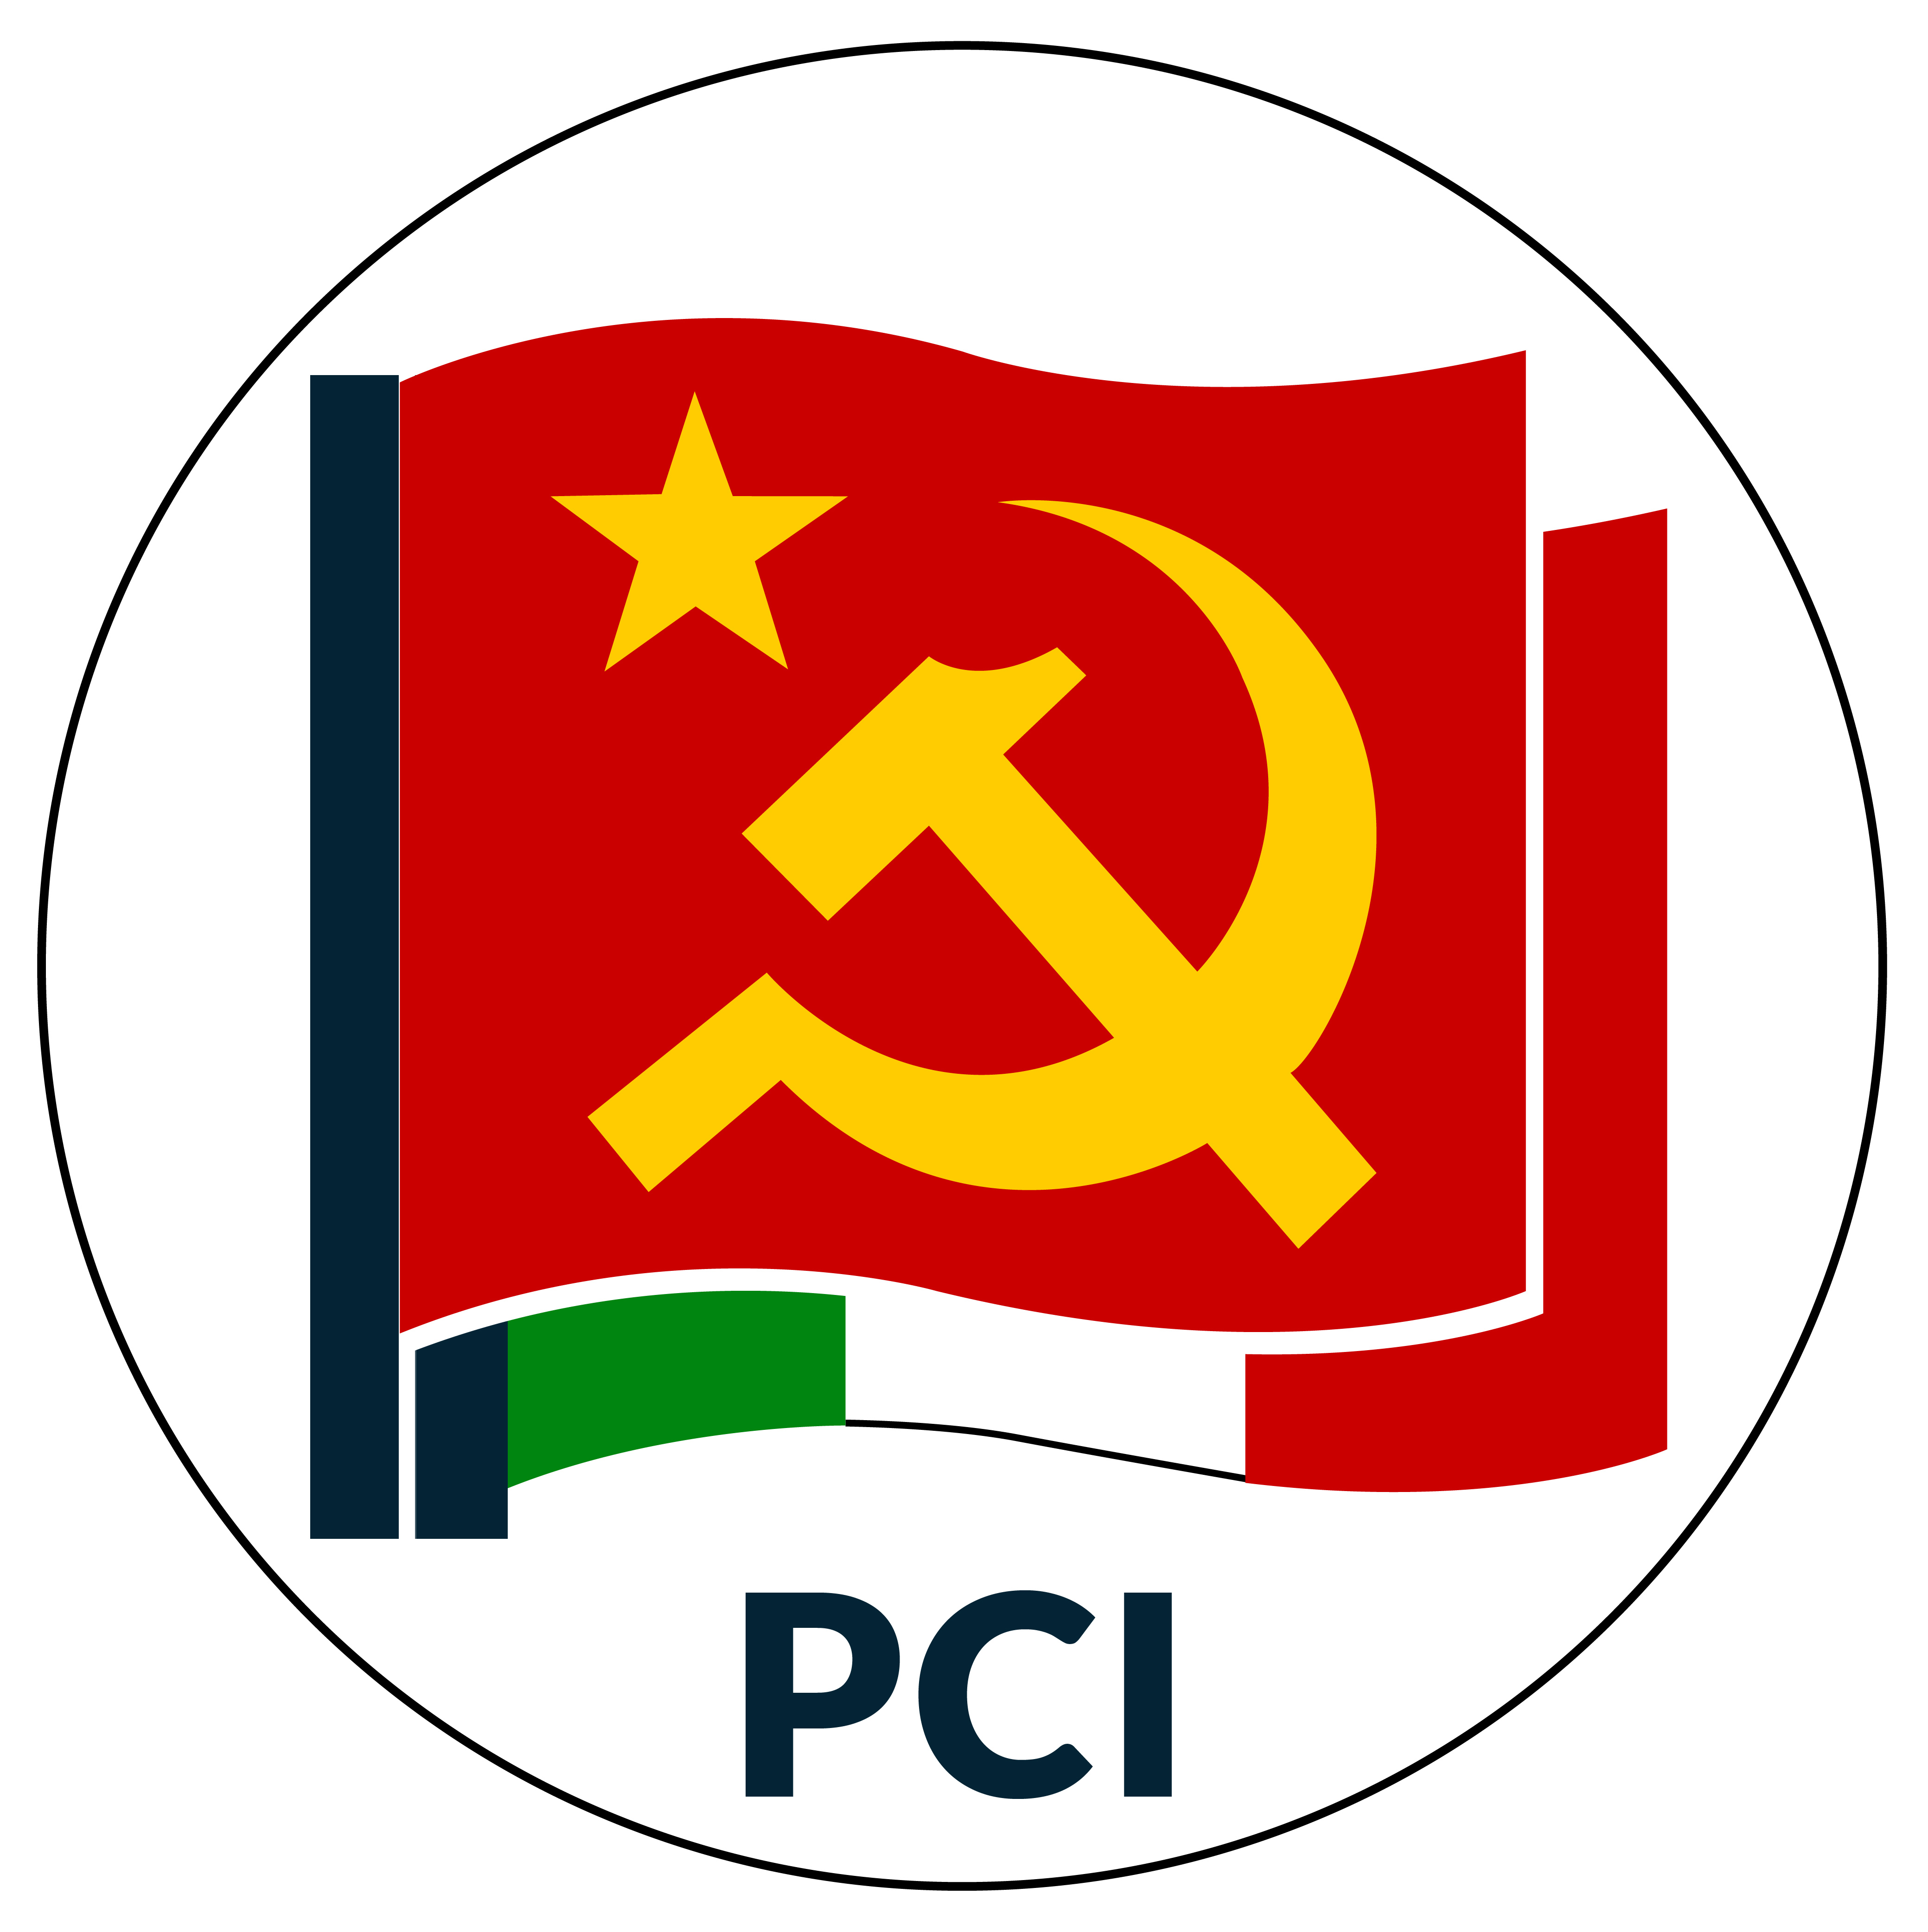 Partito Comunista Italiano